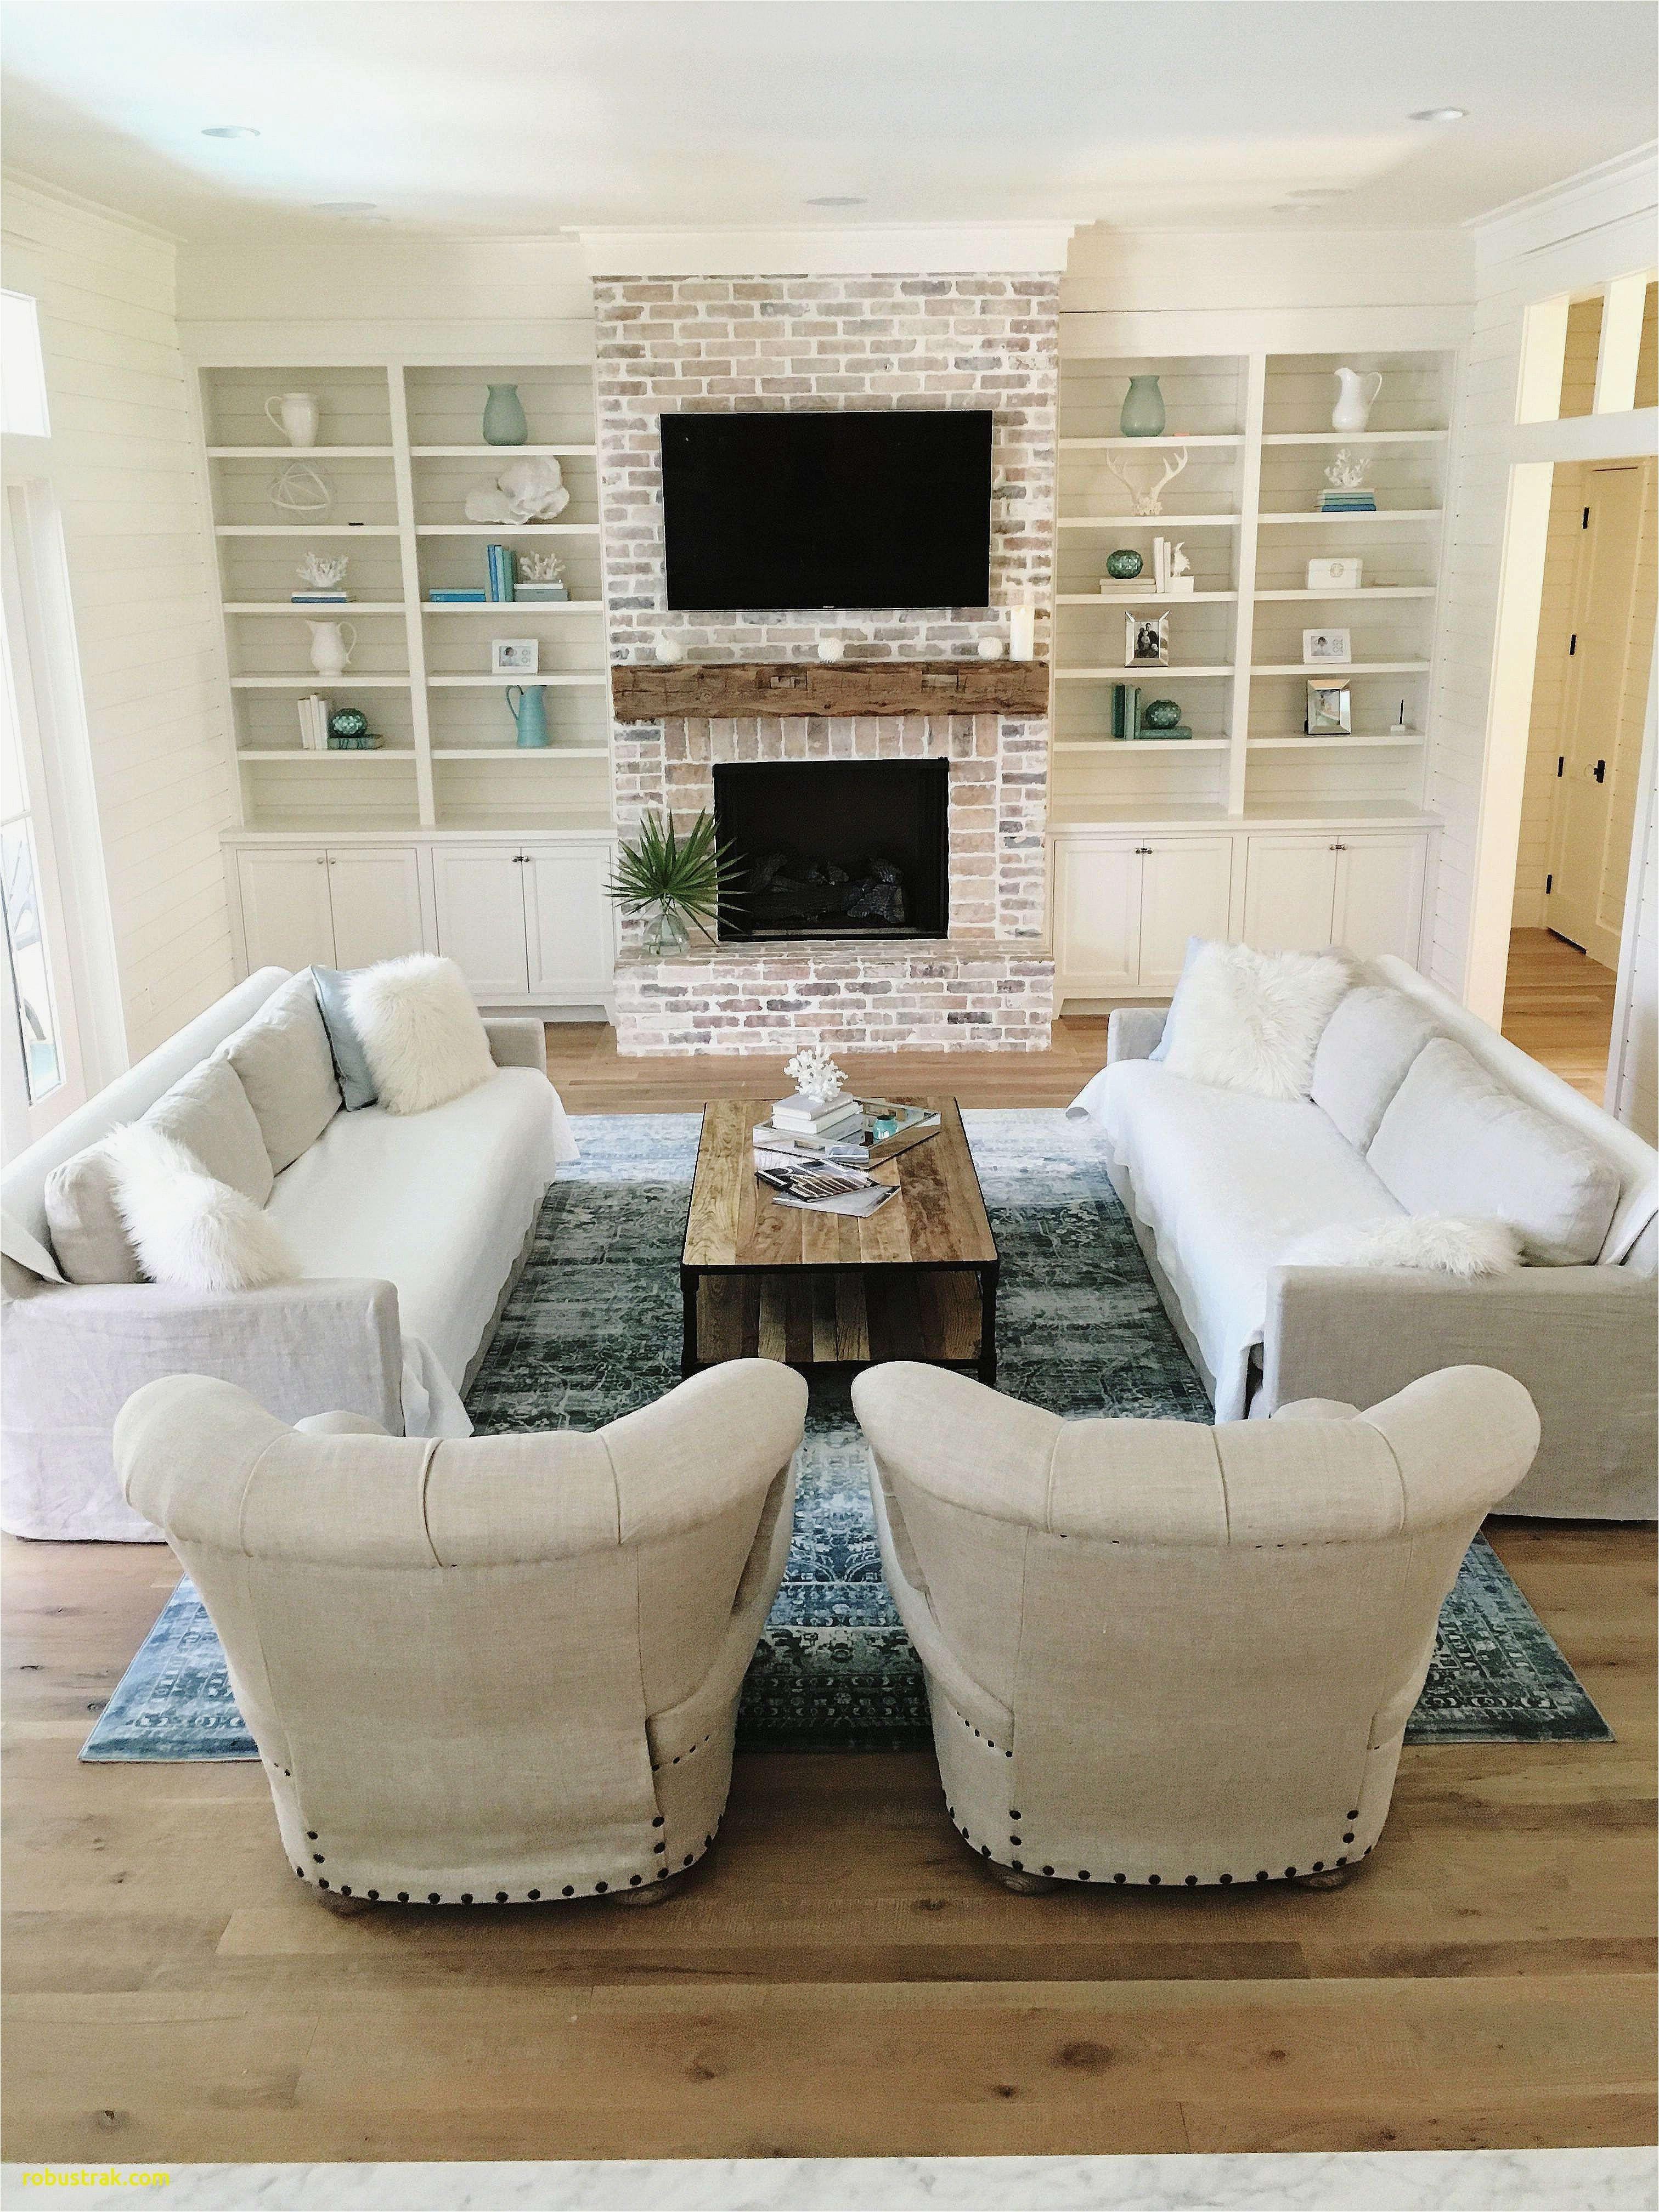 macys furniture oak brook best of rustic dining room stock of macys furniture oak brook best